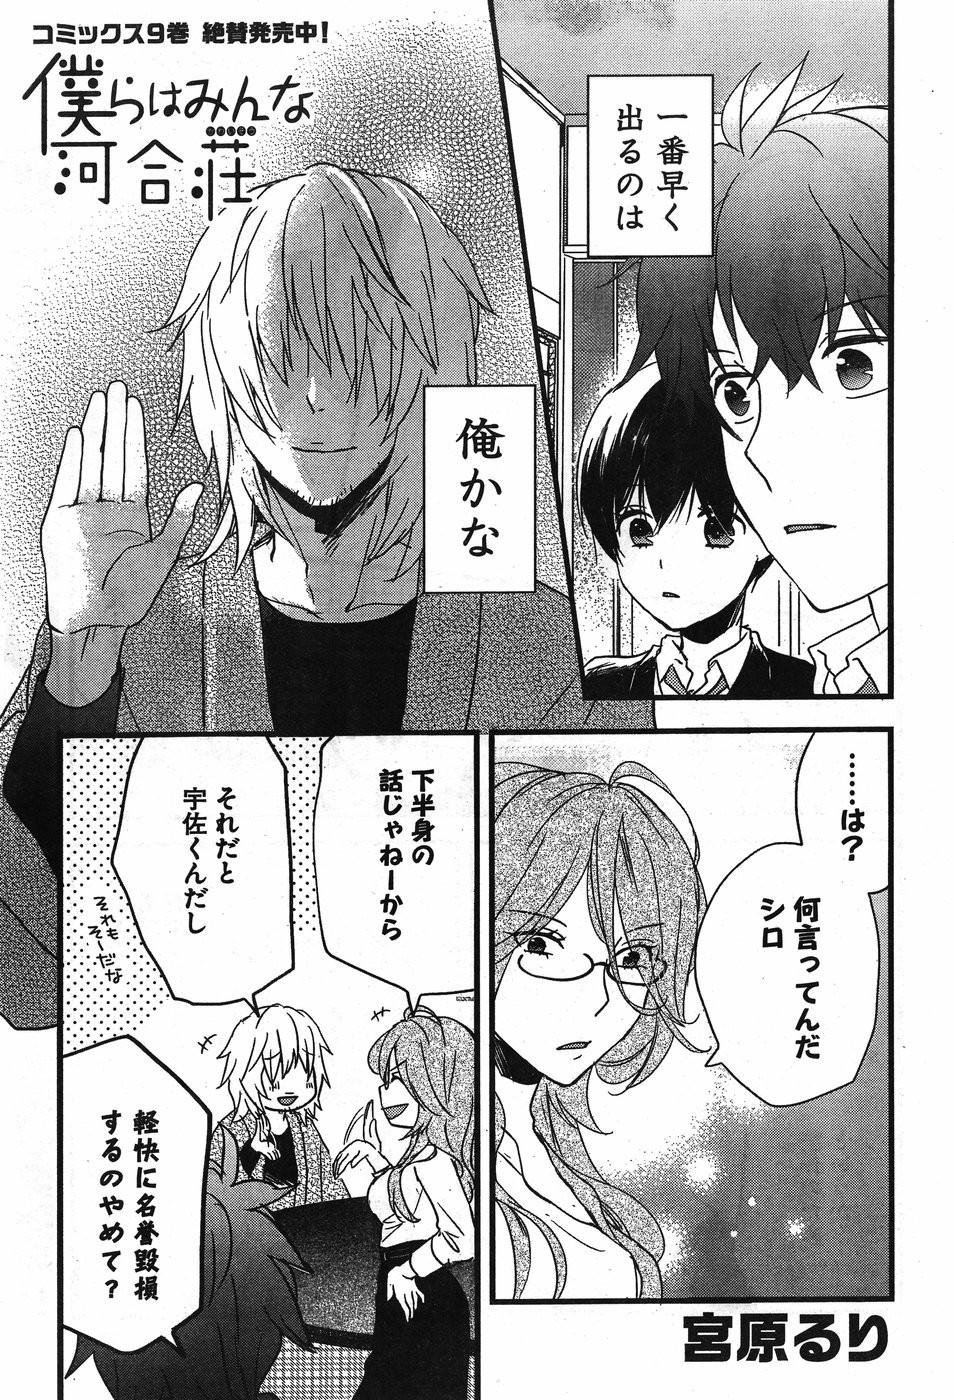 Bokura-wa-Minna-Kawaisou Chapter 88 Page 1